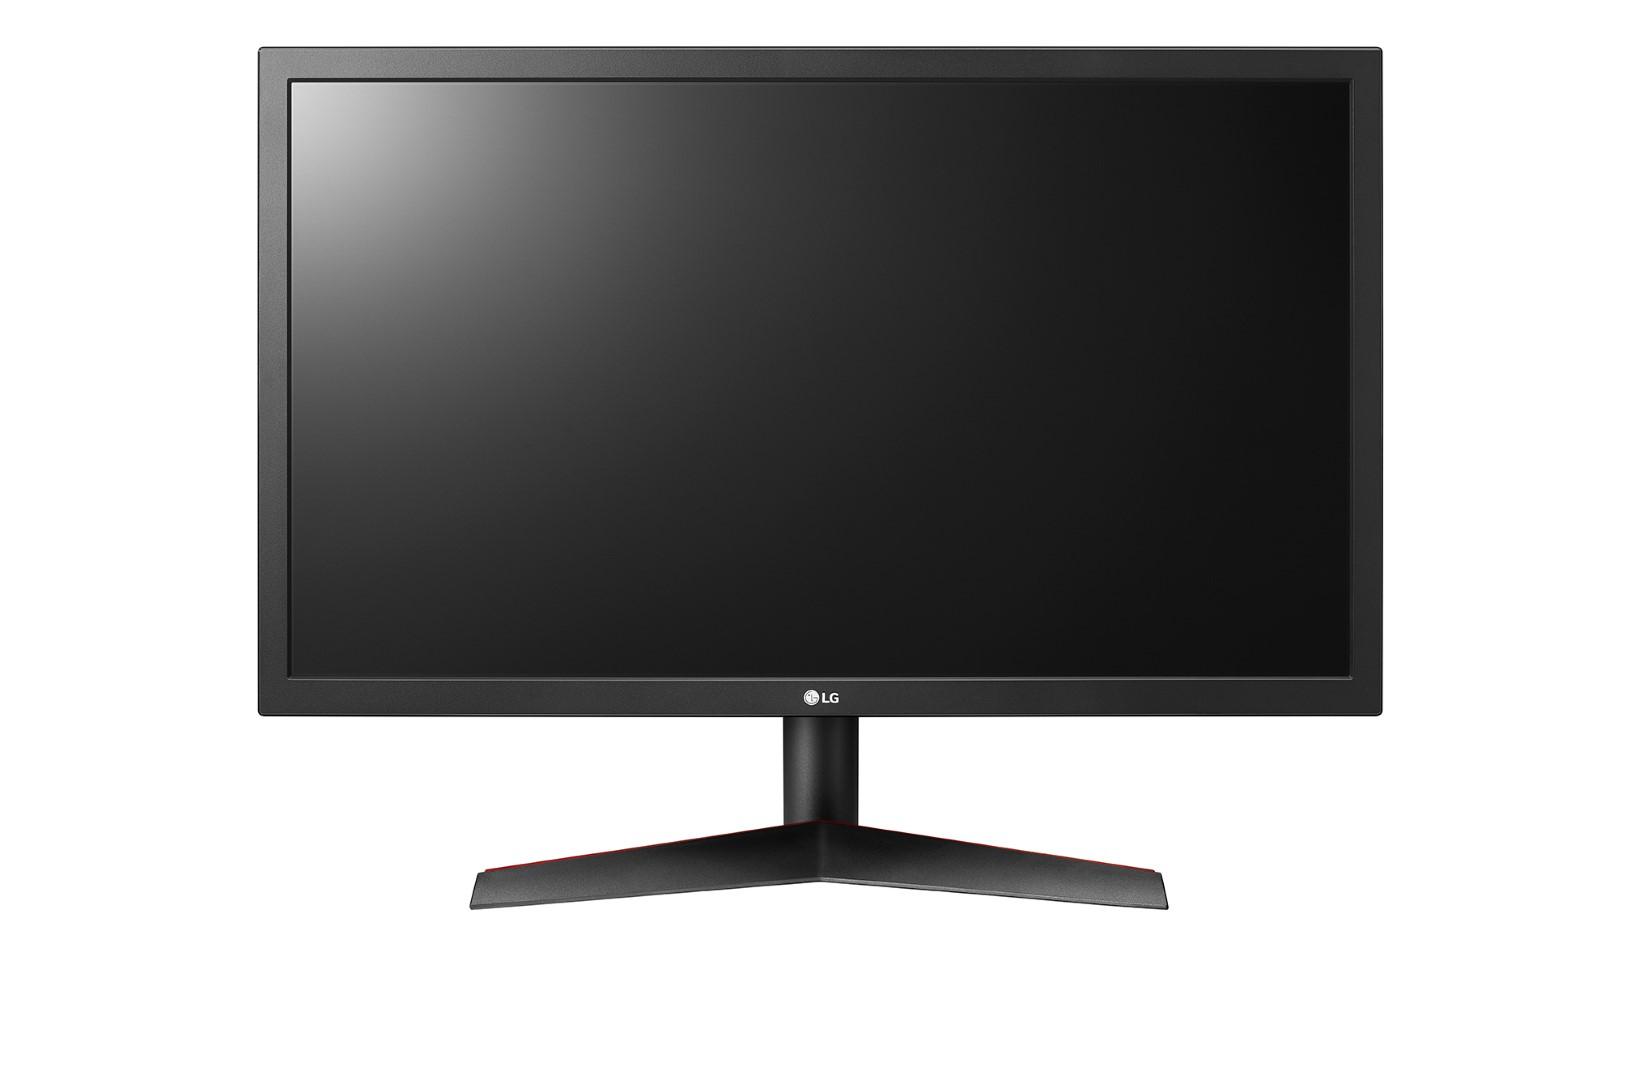 מסך מחשב 24 אינץ' מקצועי LG 24GL600F אל ג'י - תמונה 2